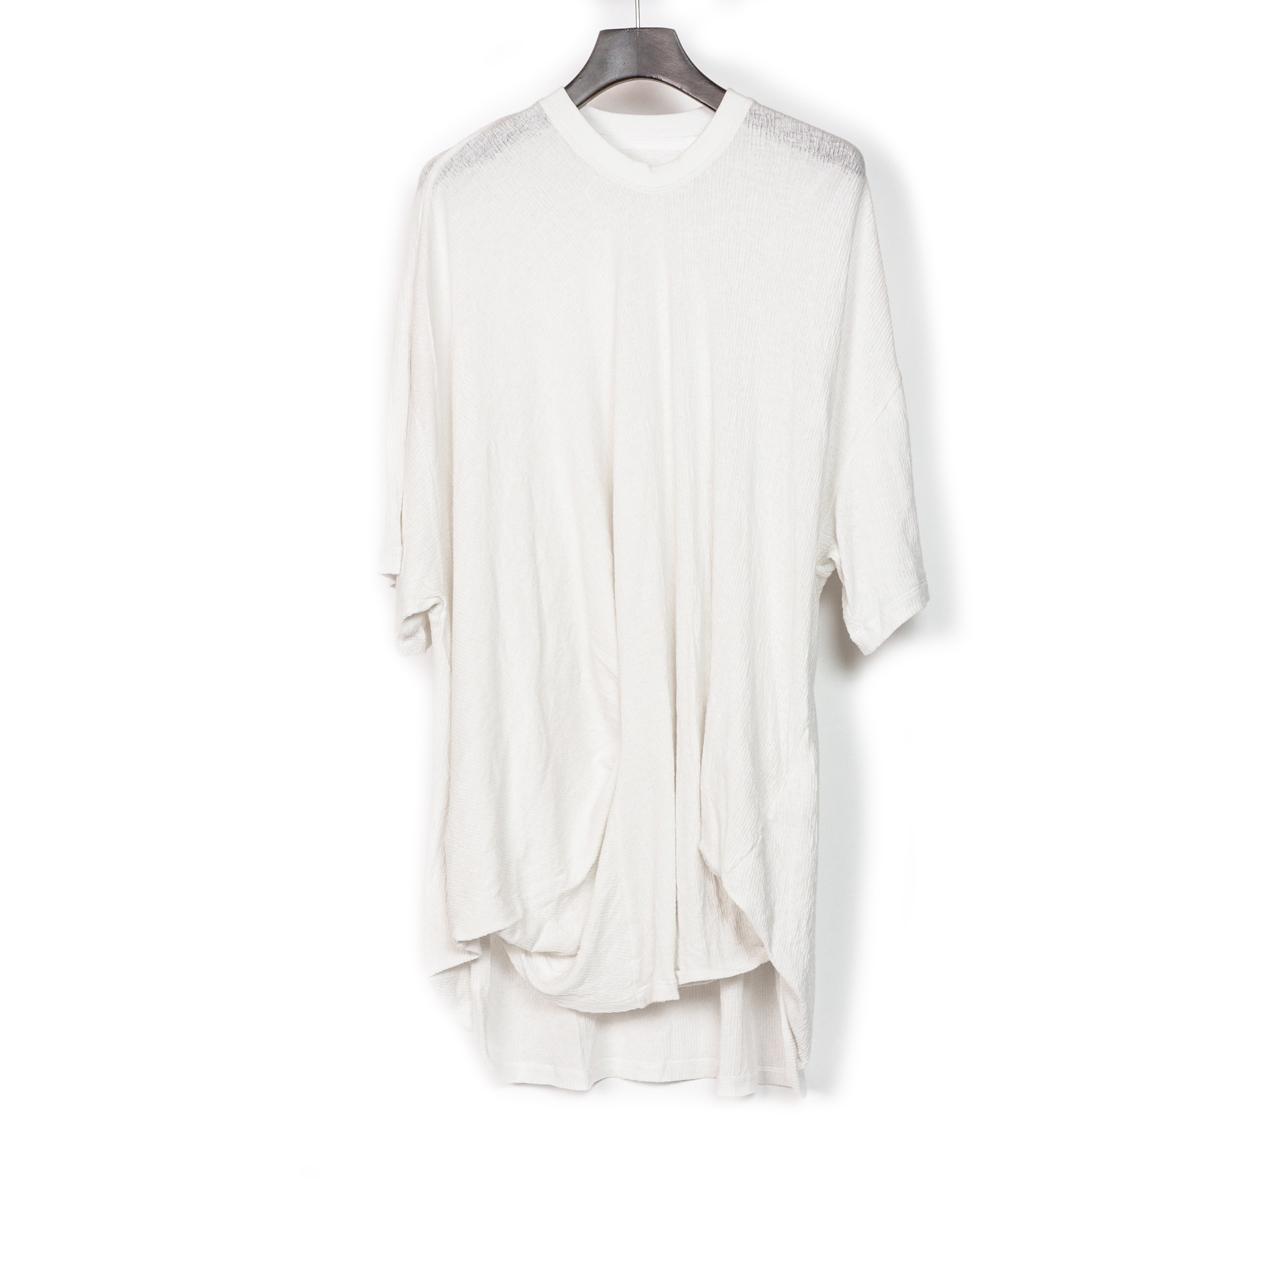 697CUM7-WHITE / フロントドレープ Tシャツ